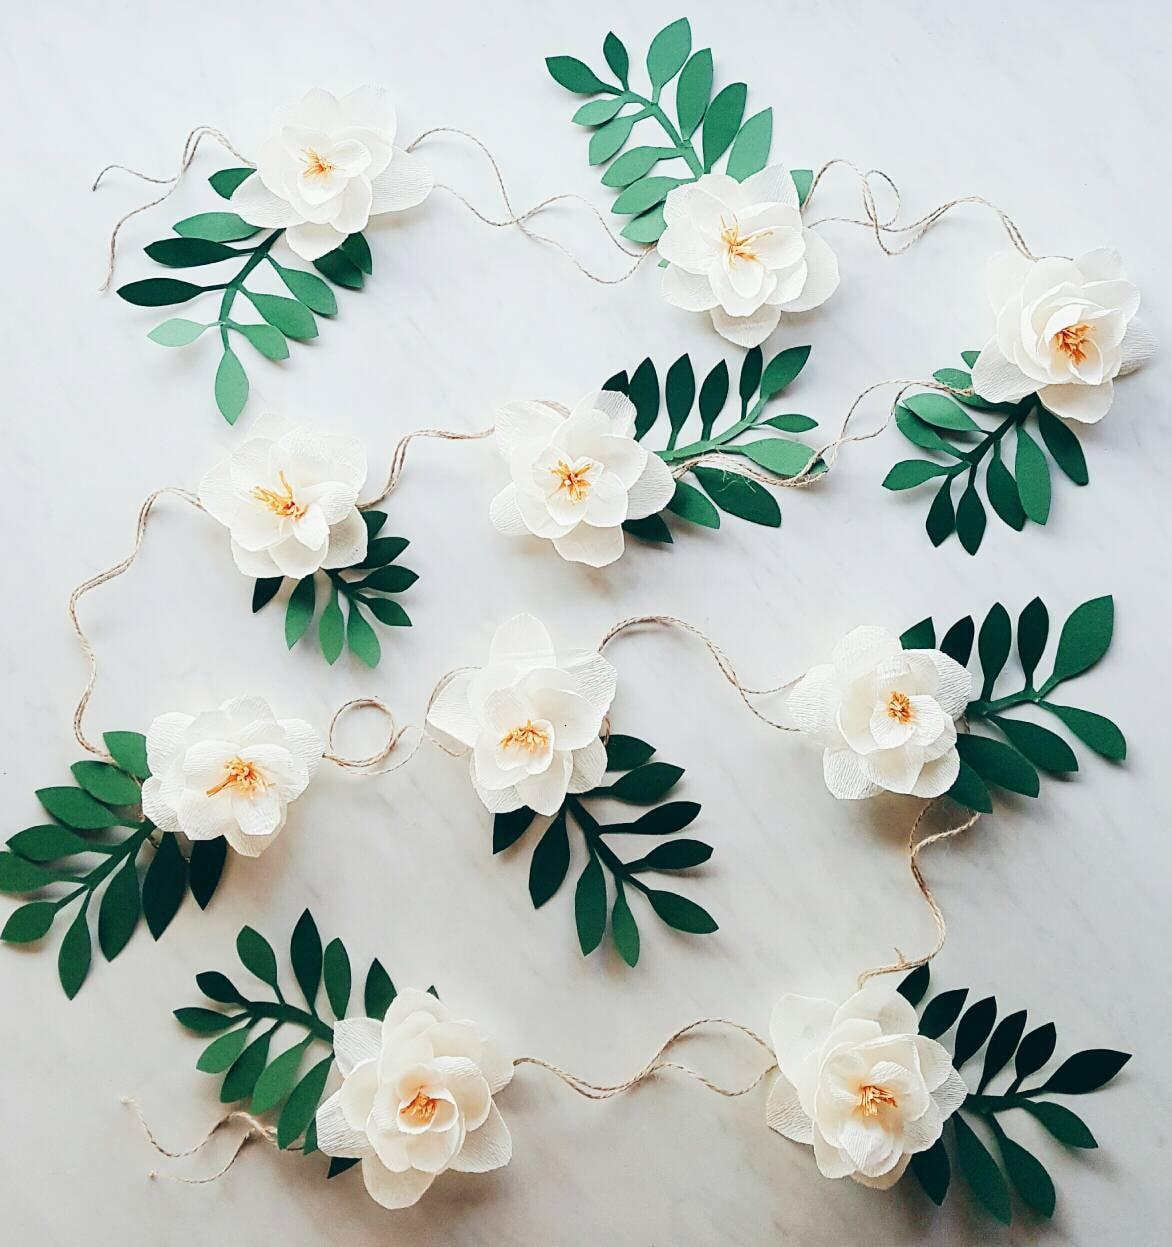 Flower Garland: Paper Flower Garland. Teepee Flowers. Crepe Paper Magnolias